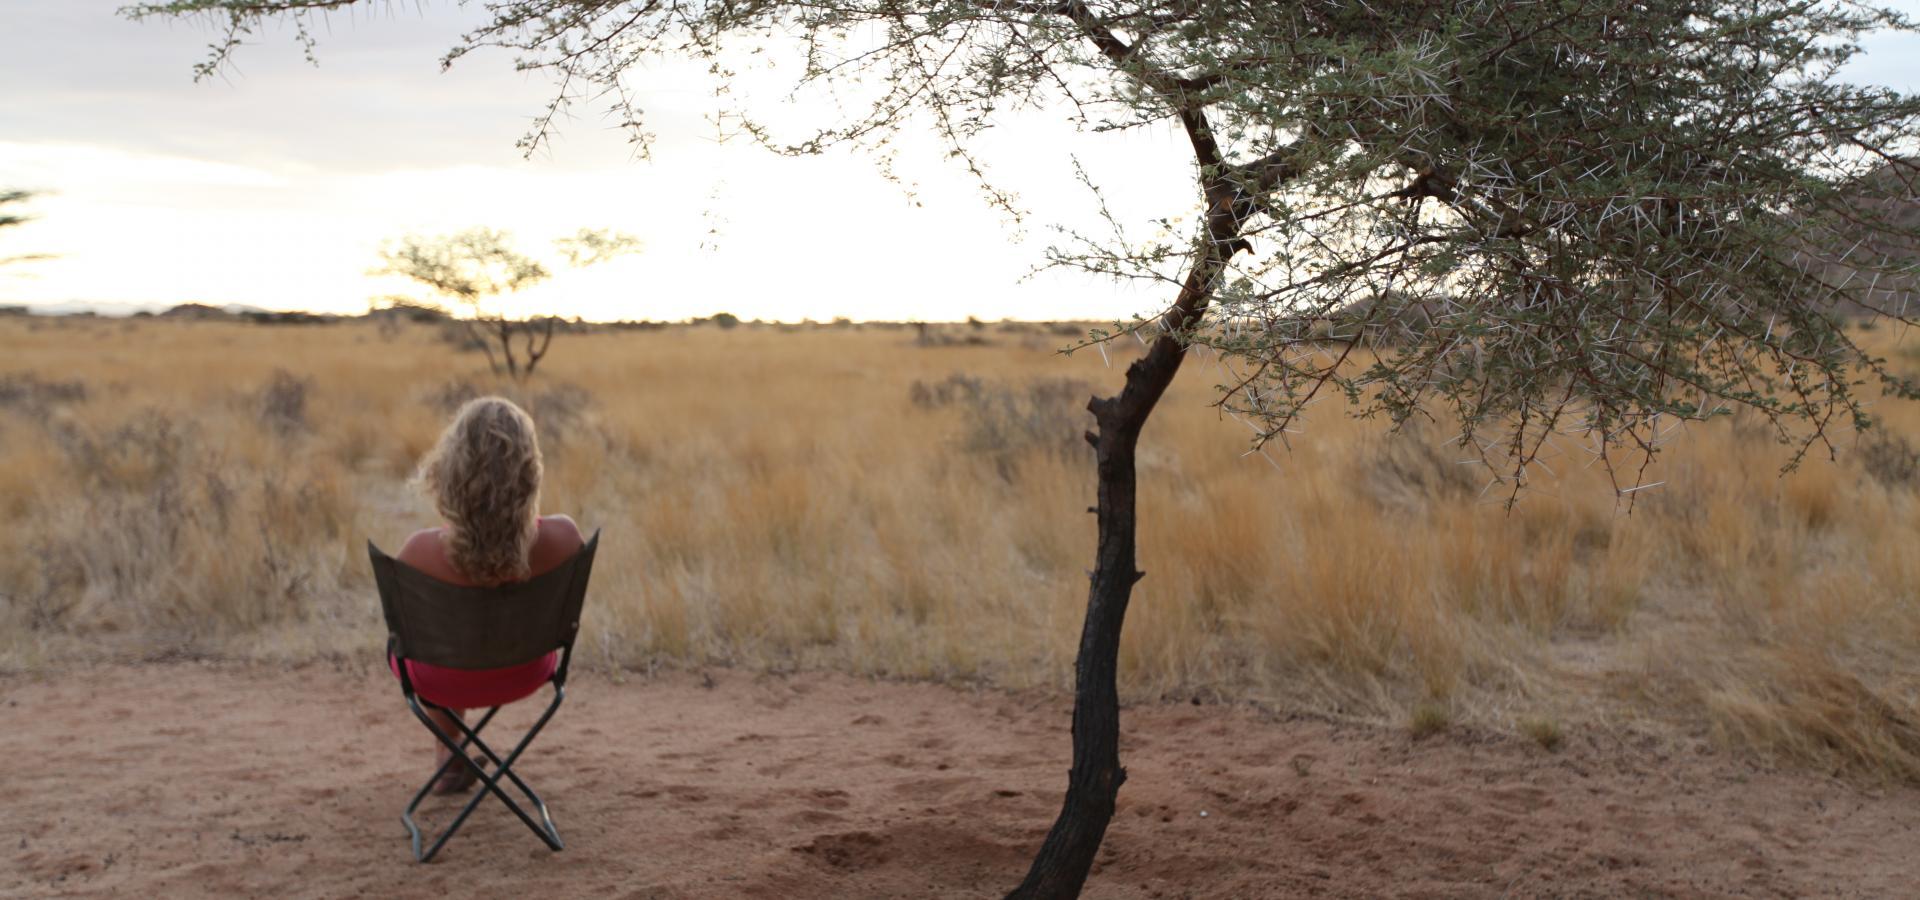 Genießen Sie bei Ihrem Busch-Camping-Erlebnis in Namibia die faszinierenden Weiten der Namib Wüste